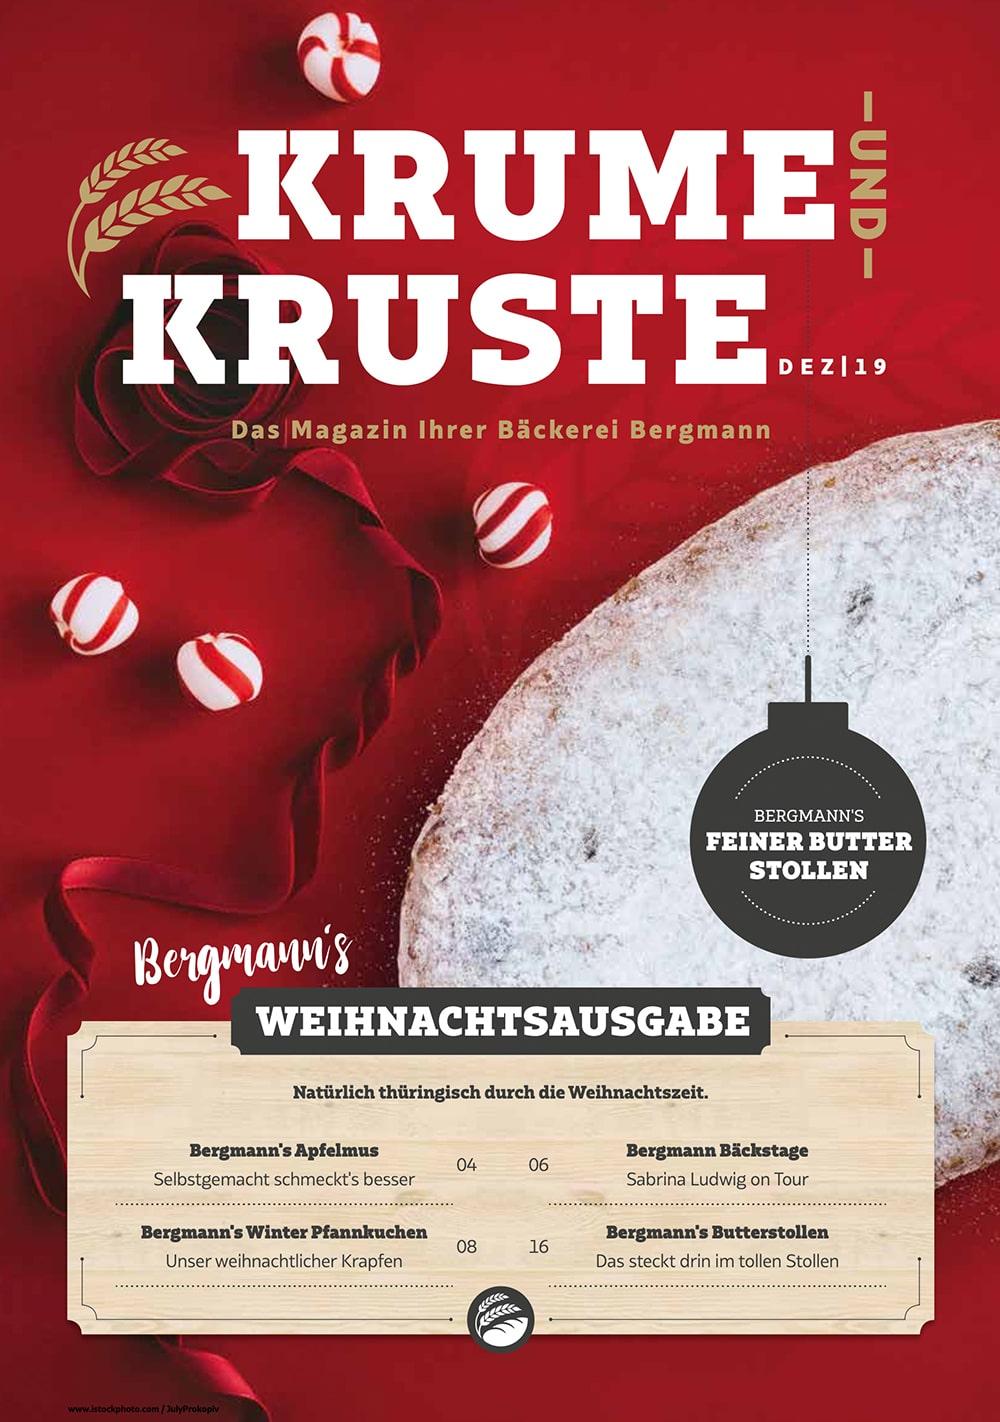 Krume & Kruste - Dezember 2019